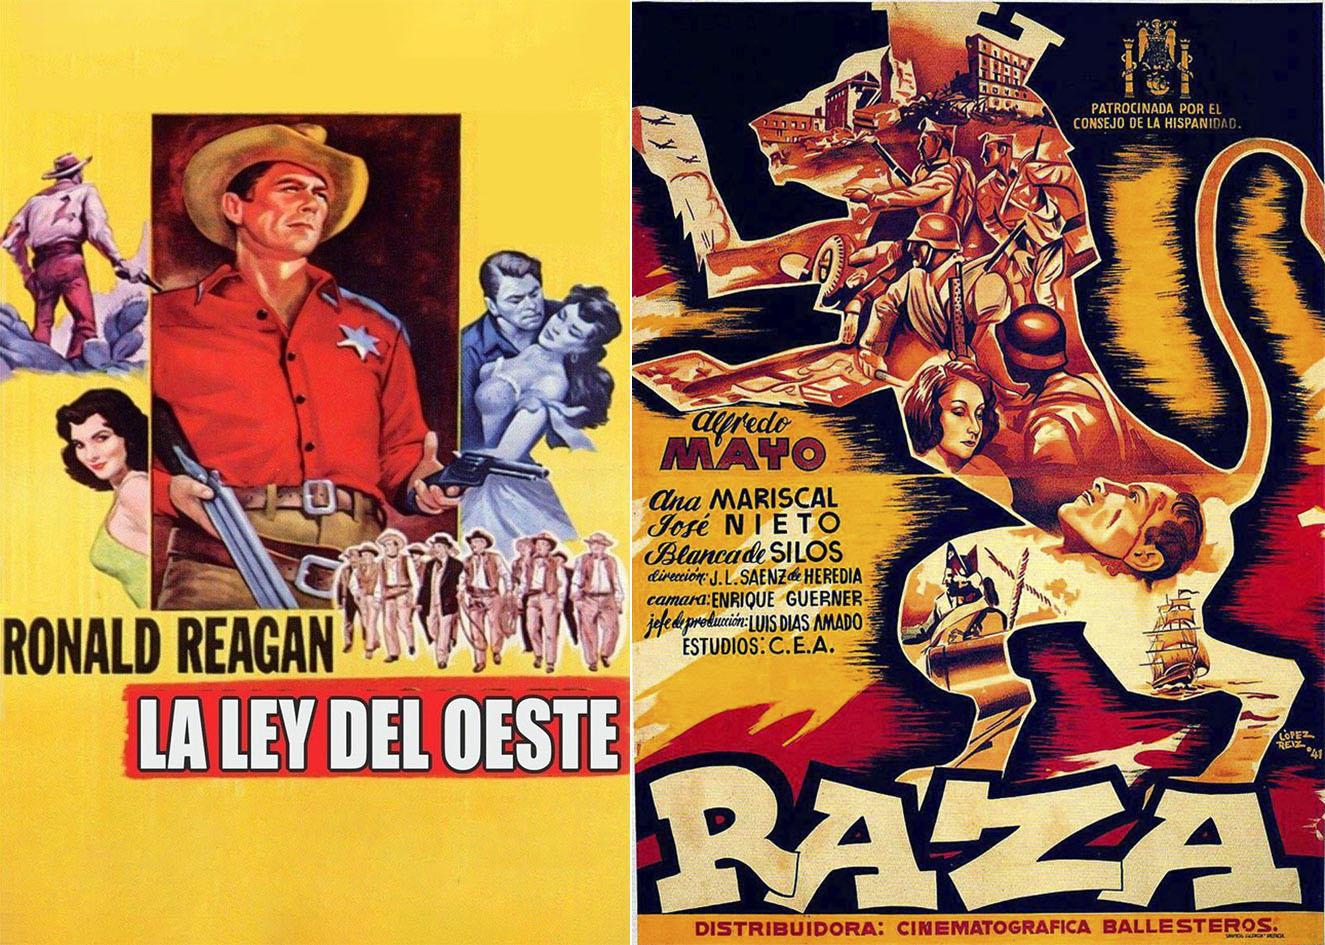 Carteles de dos películas, una de tiros y la otra de heroísmo victorioso.